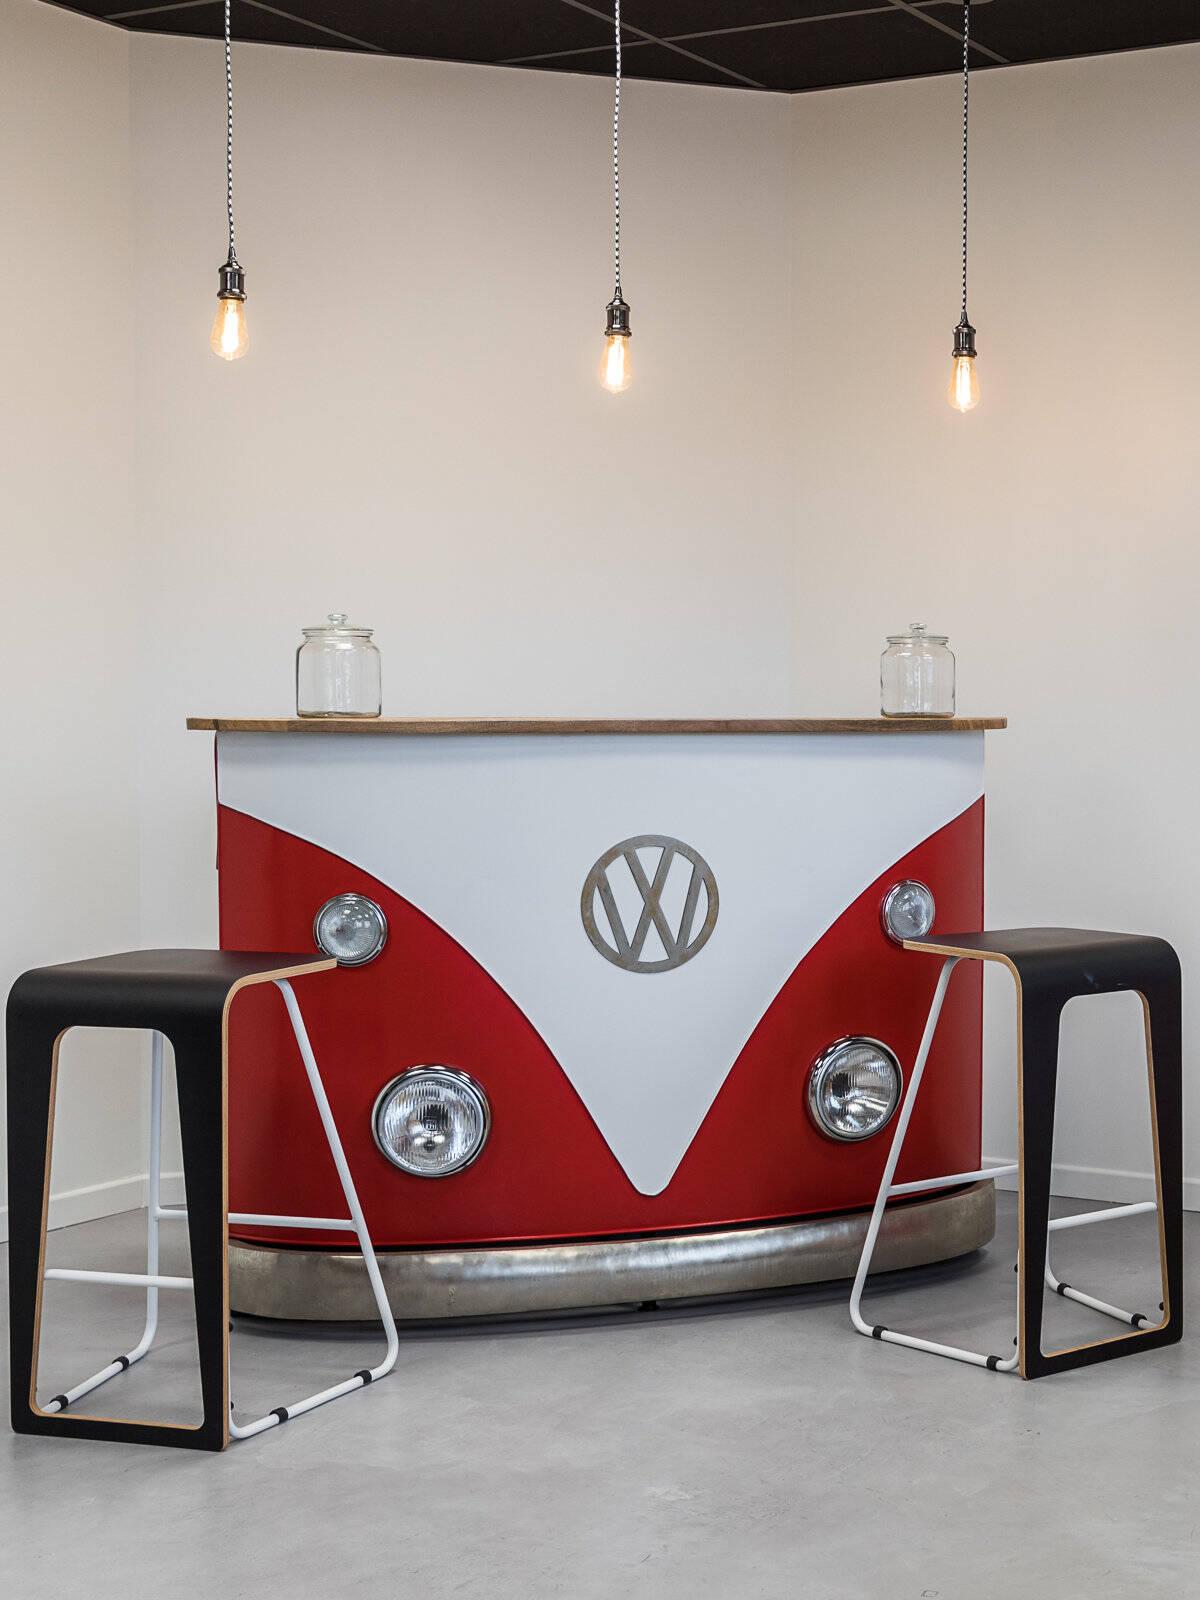 Groupe Optimo et Crussol Courtage Assurance - un projet de décoration et d'agencement by Le point D